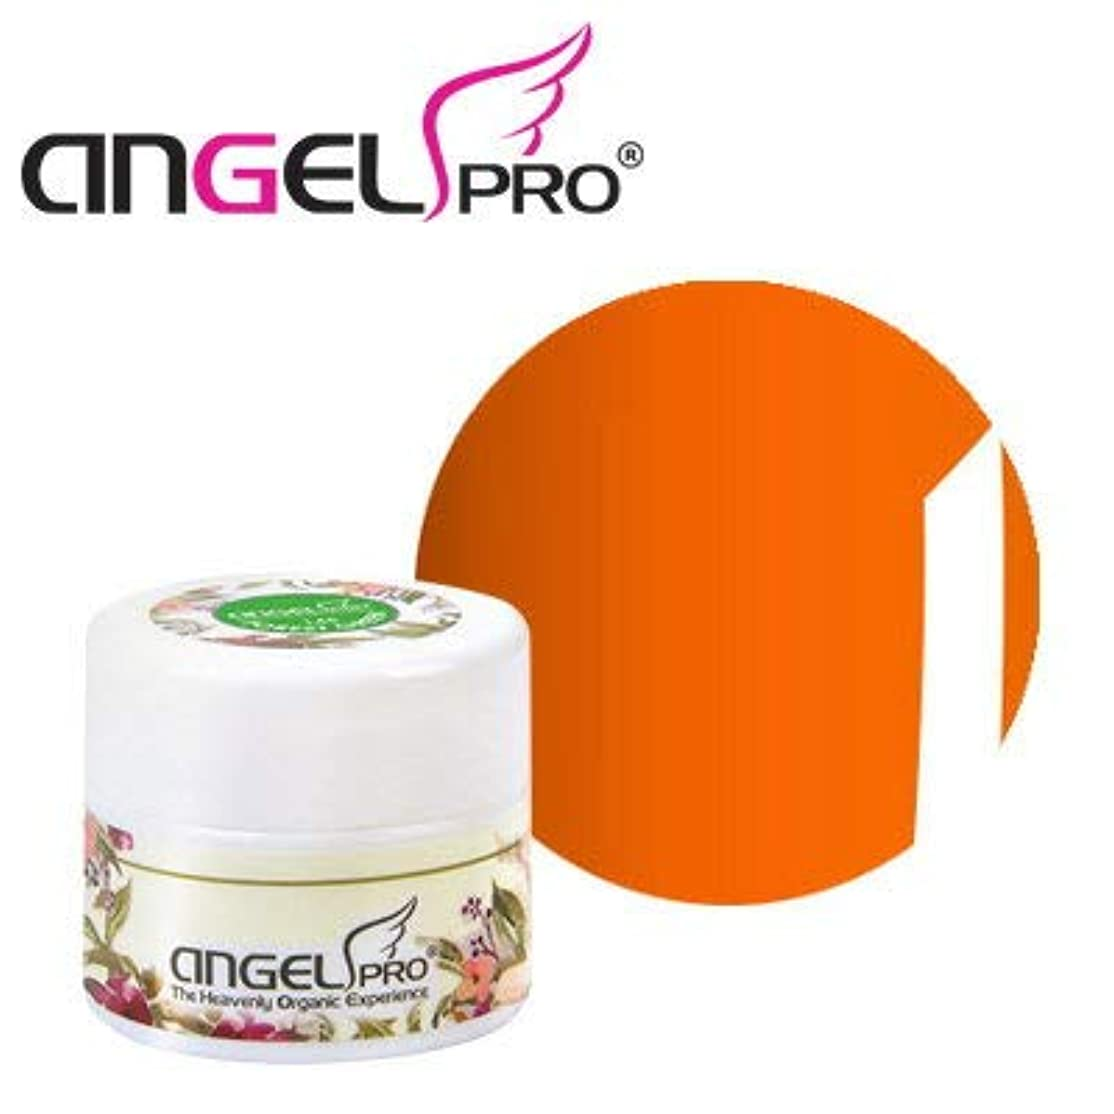 ANGEL PRO ポットジェリー #18 MARMALADE 4g